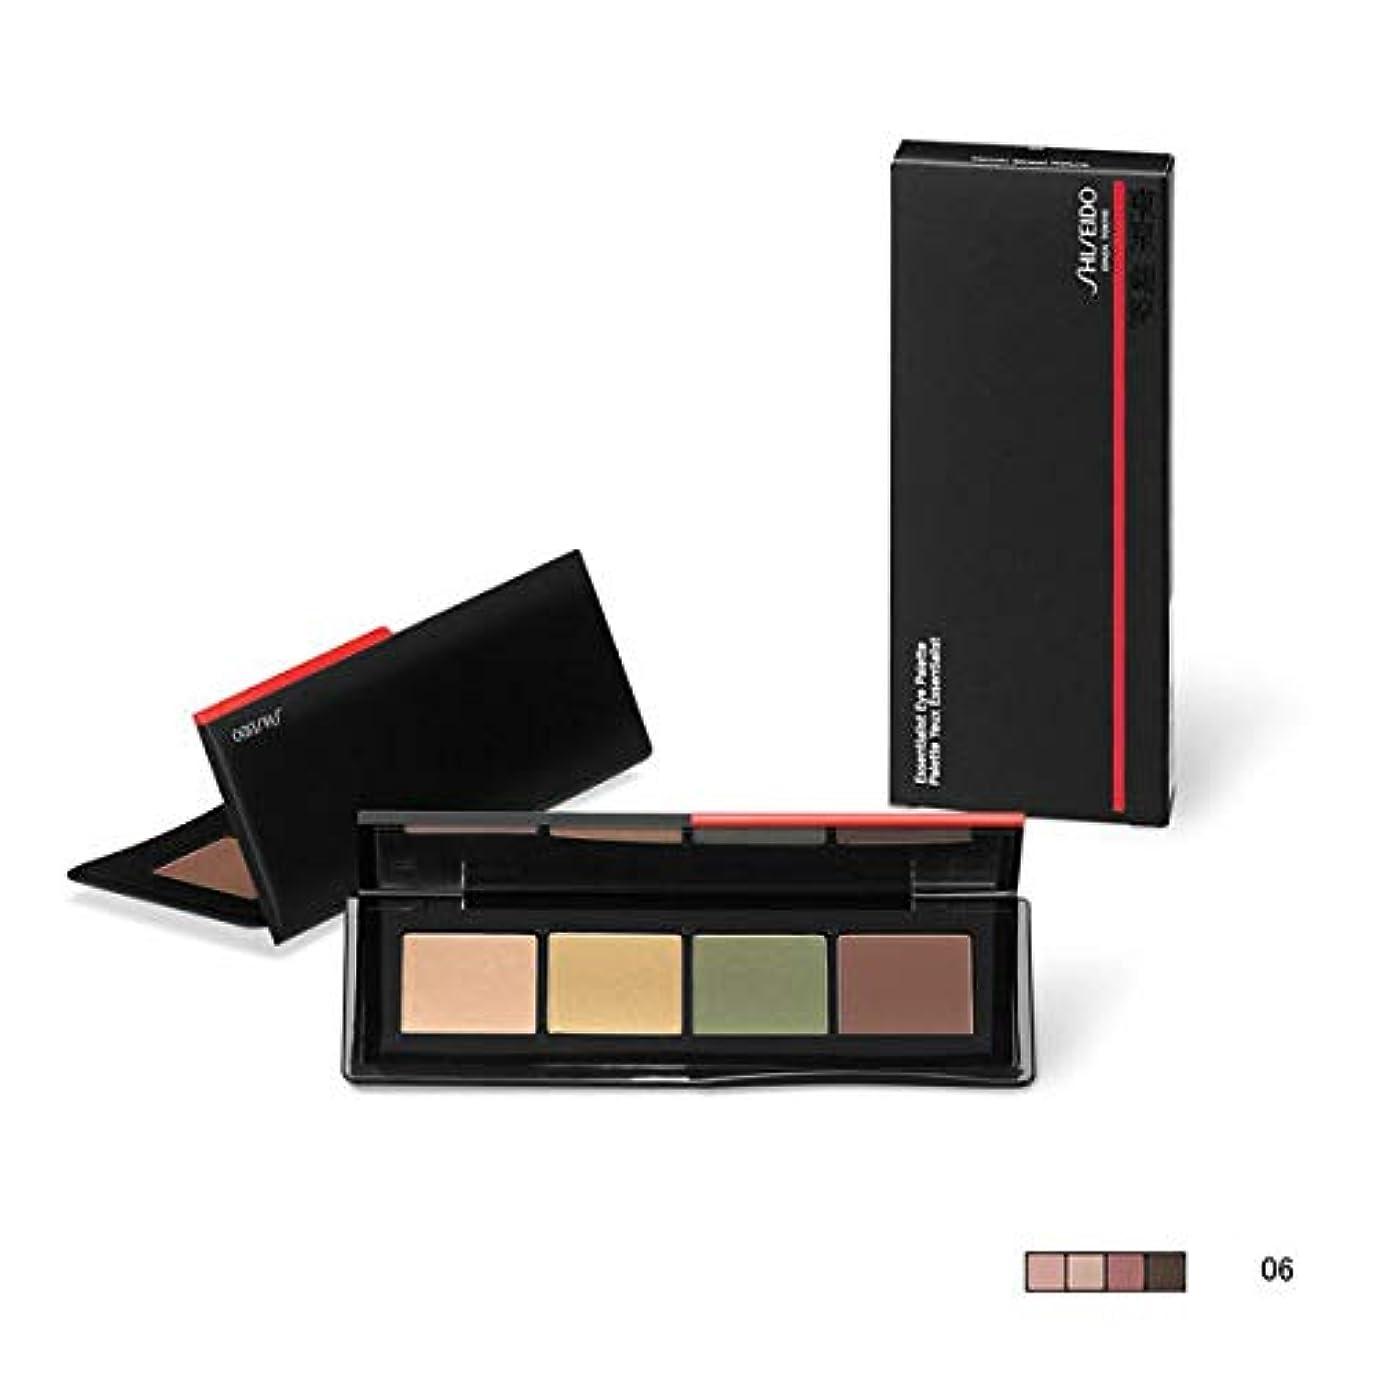 ええ現代アルファベットSHISEIDO Makeup(資生堂 メーキャップ) SHISEIDO(資生堂) SHISEIDO エッセンシャリスト アイパレット 5.2g (06)